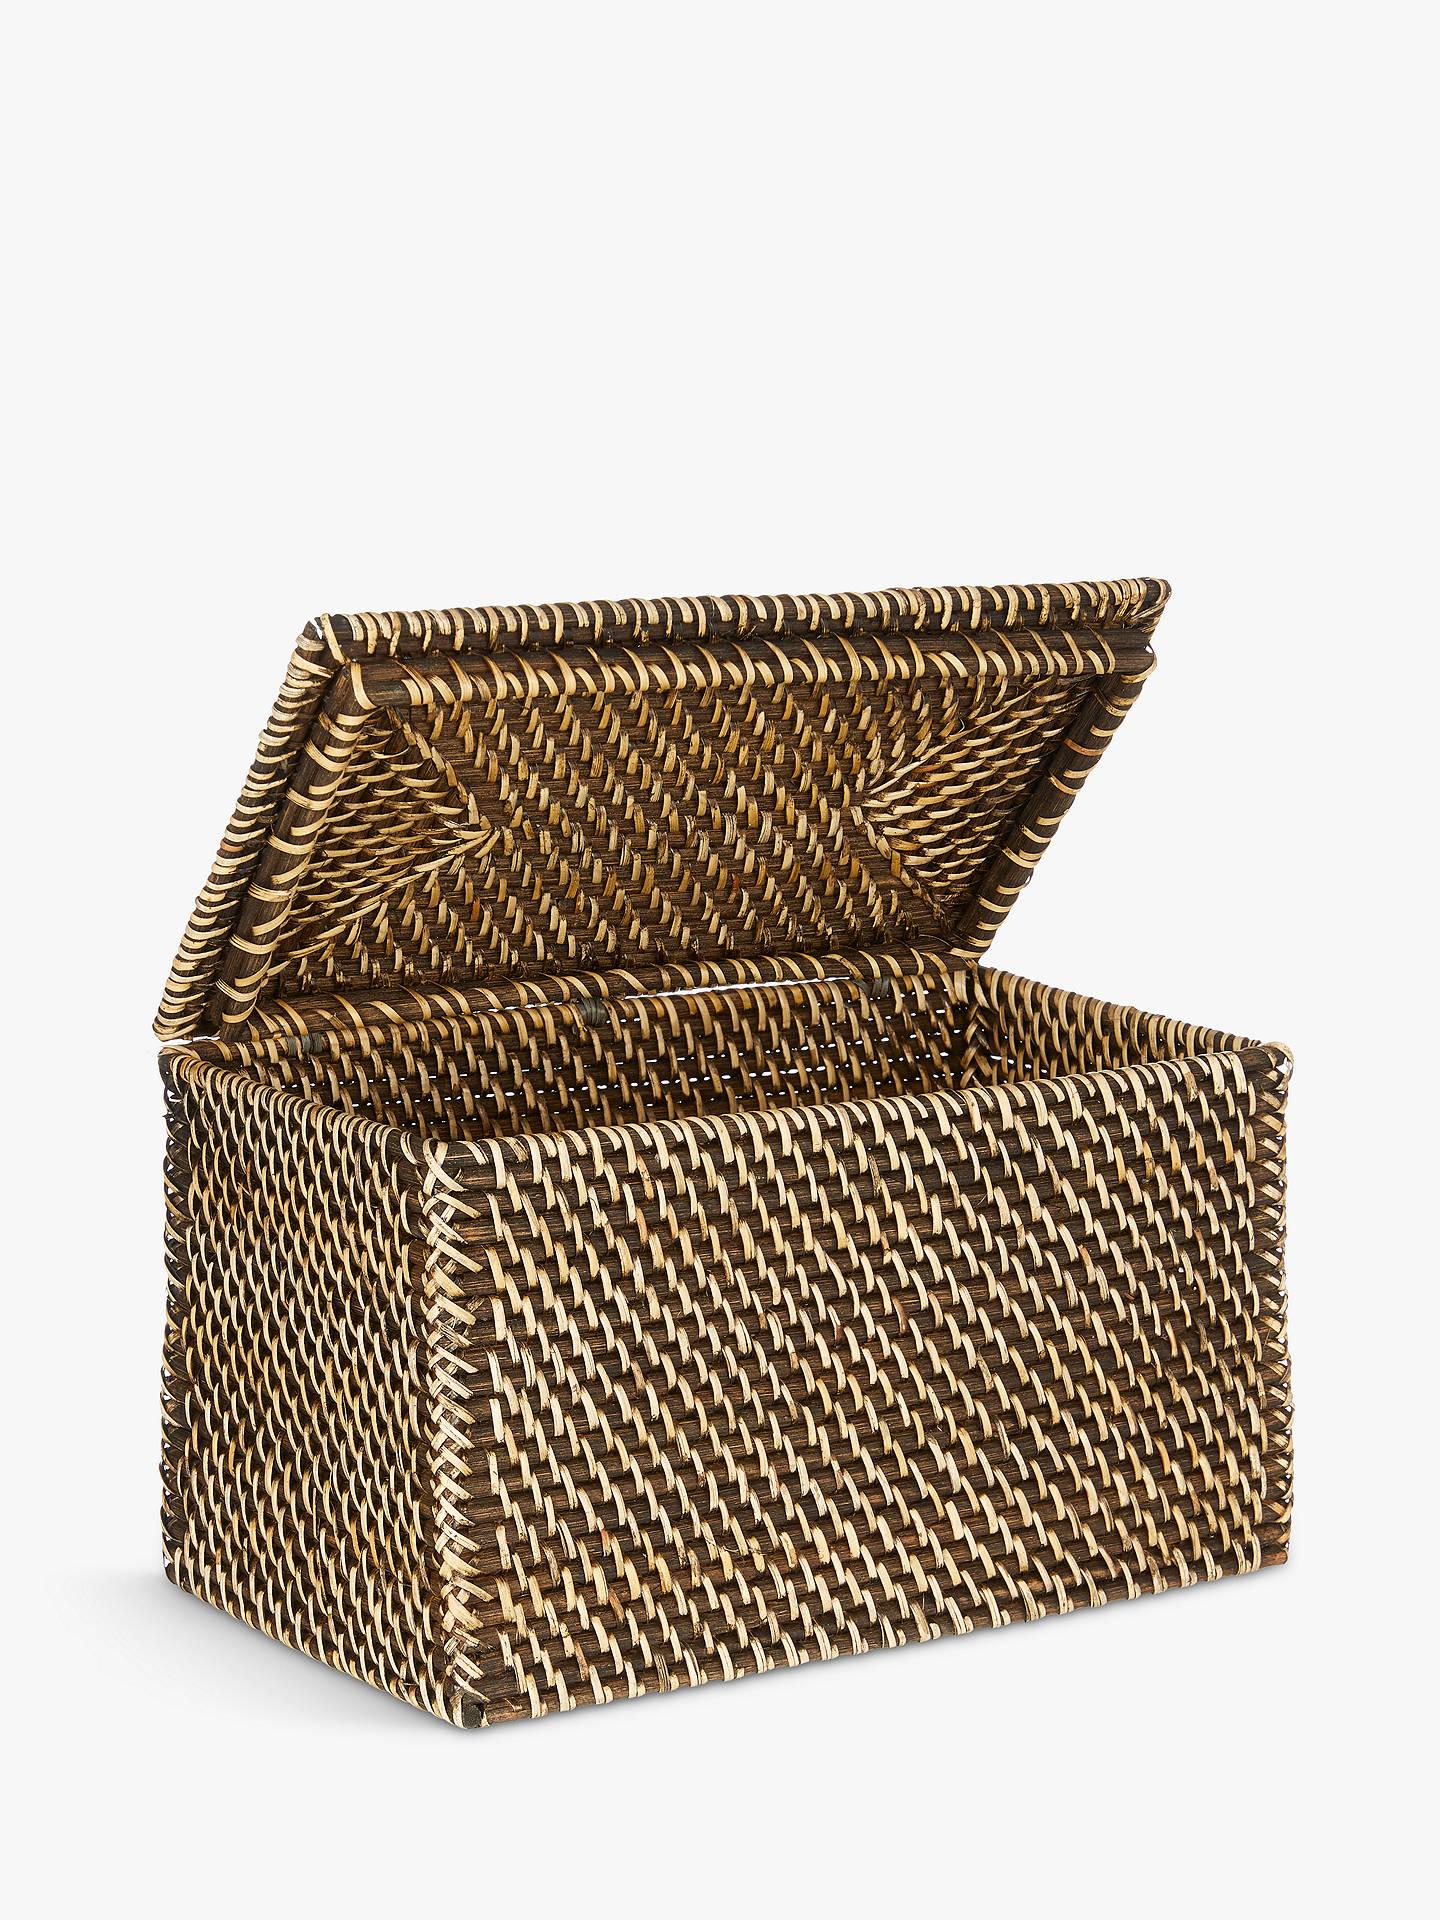 BuyJohn Lewis & Partners Fusion Dark Rattan Lid Basket, Large Online at johnlewis.com